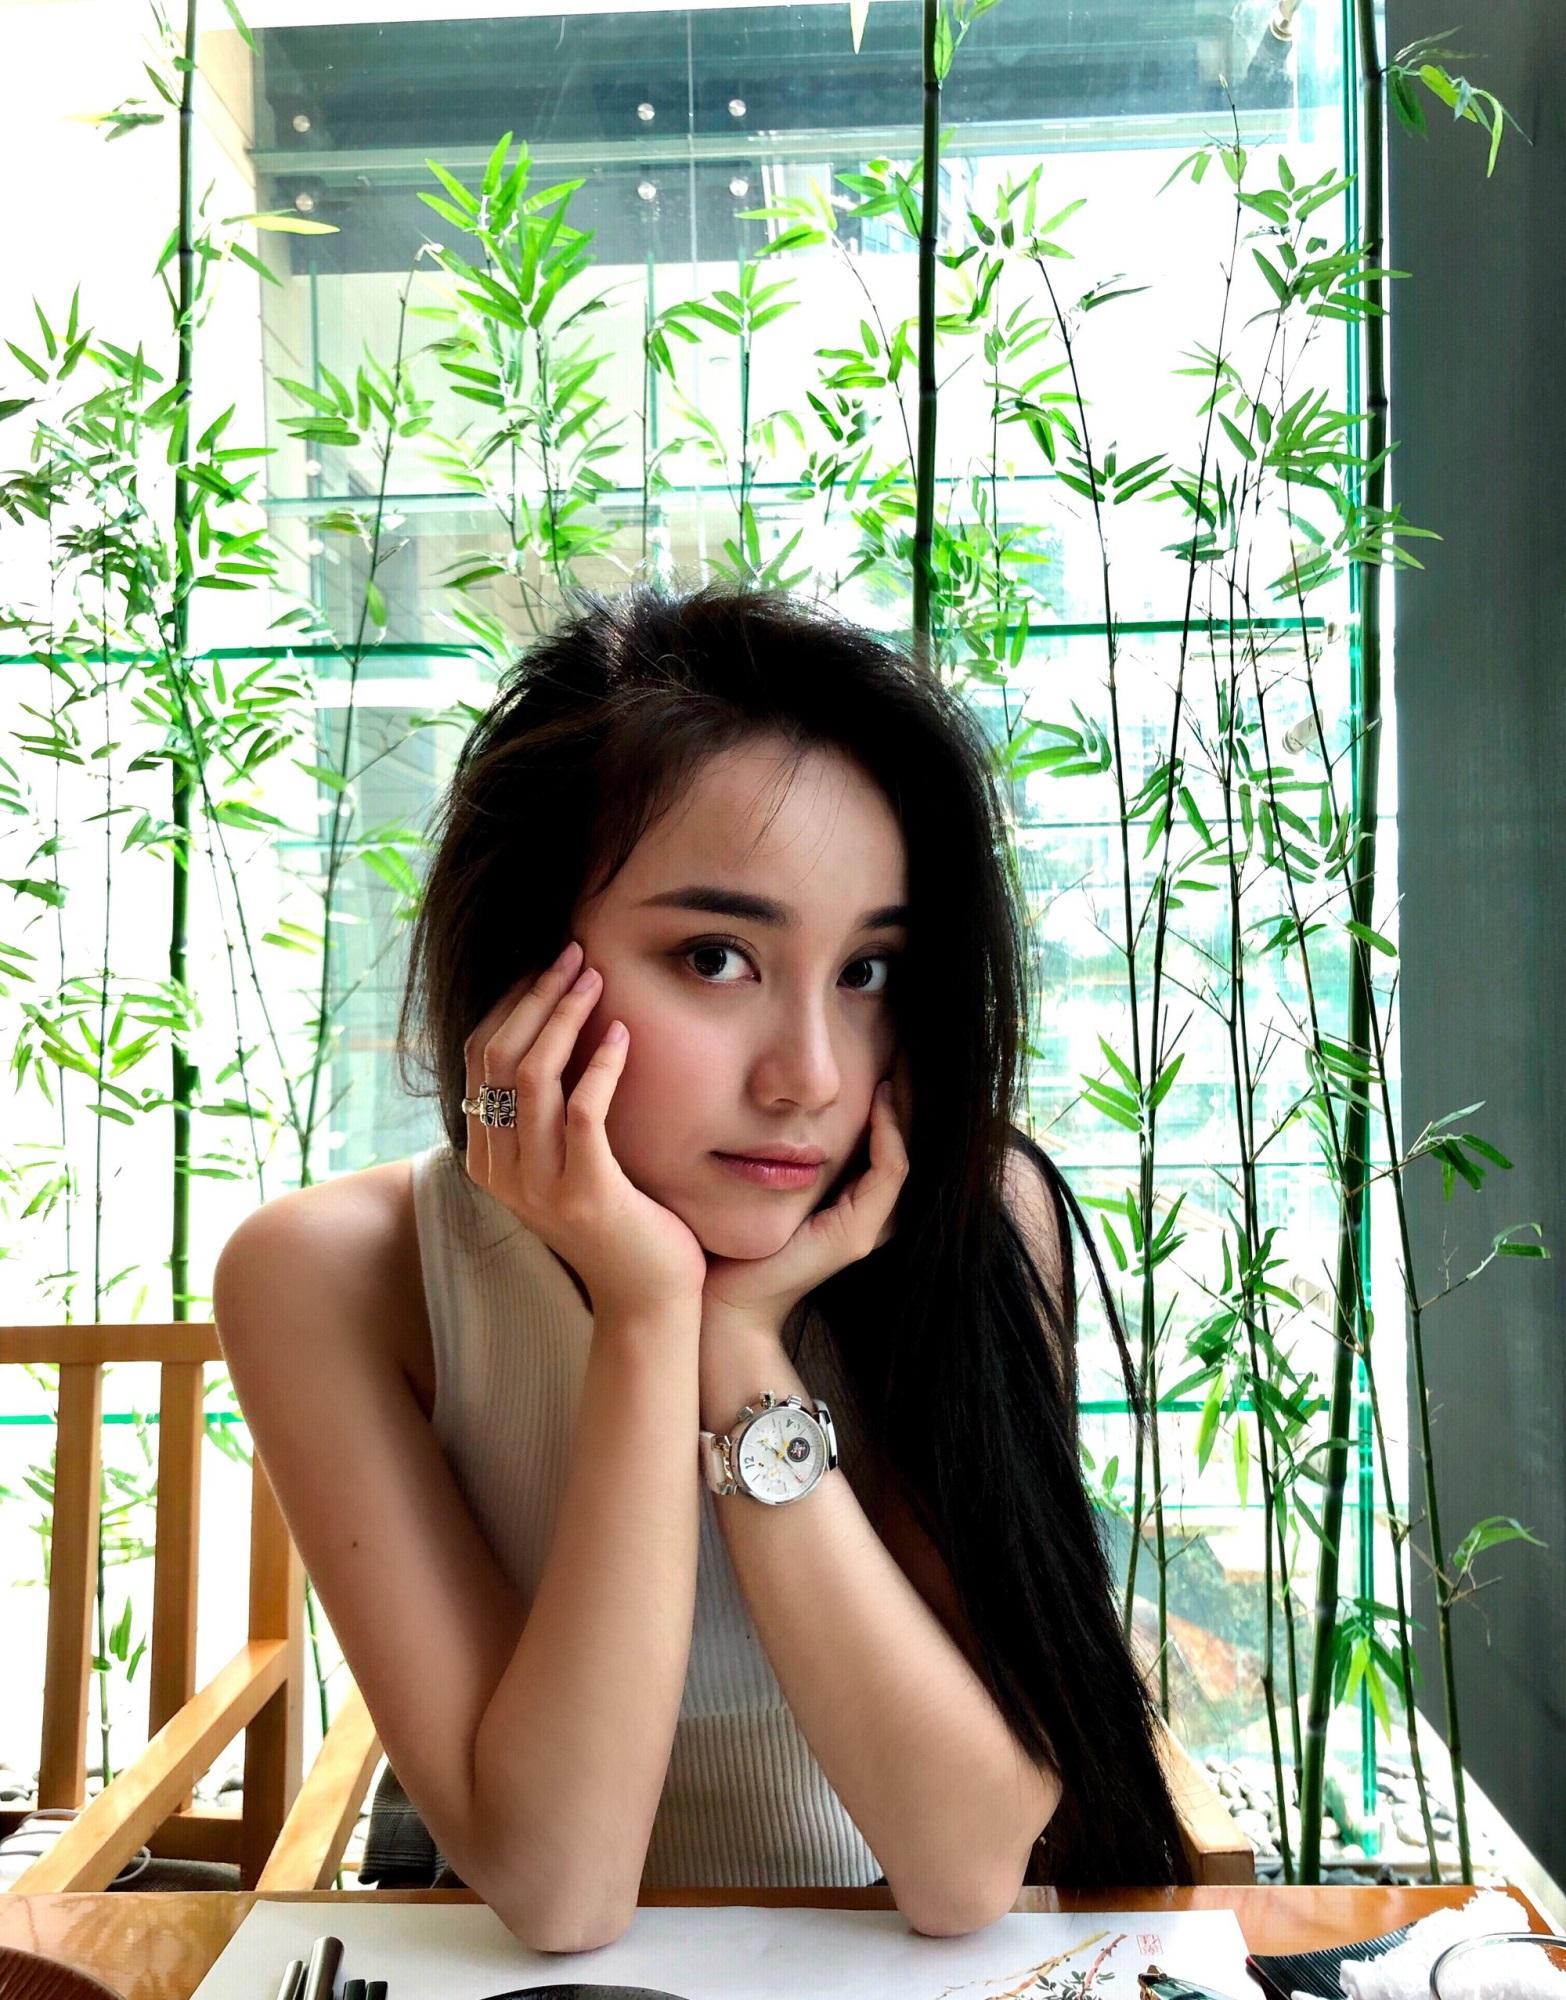 Dàn hot girl Trung Quốc khoe nhan sắc 'băng thanh, ngọc khiết' gây sốt - Ảnh 11